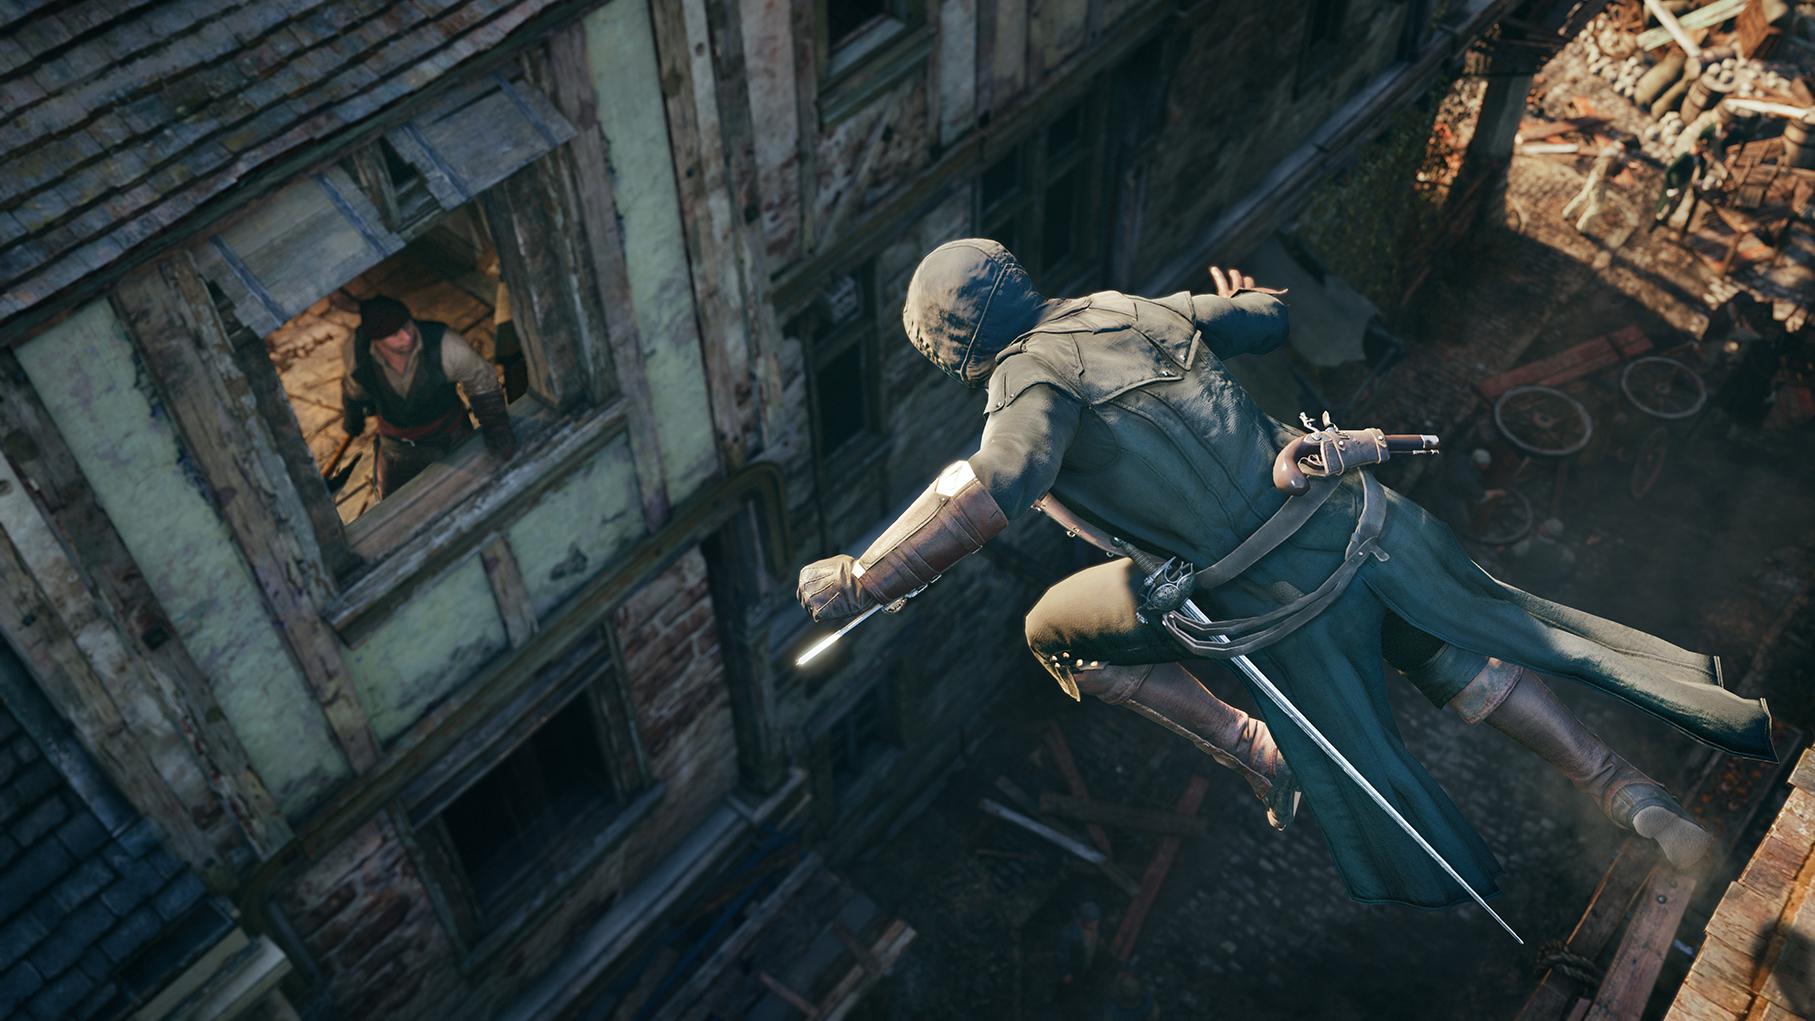 Скриншот Assassin's Creed Unity [v 1.5.0 + DLCs] (2014) PC   RePack от R.G. Механики